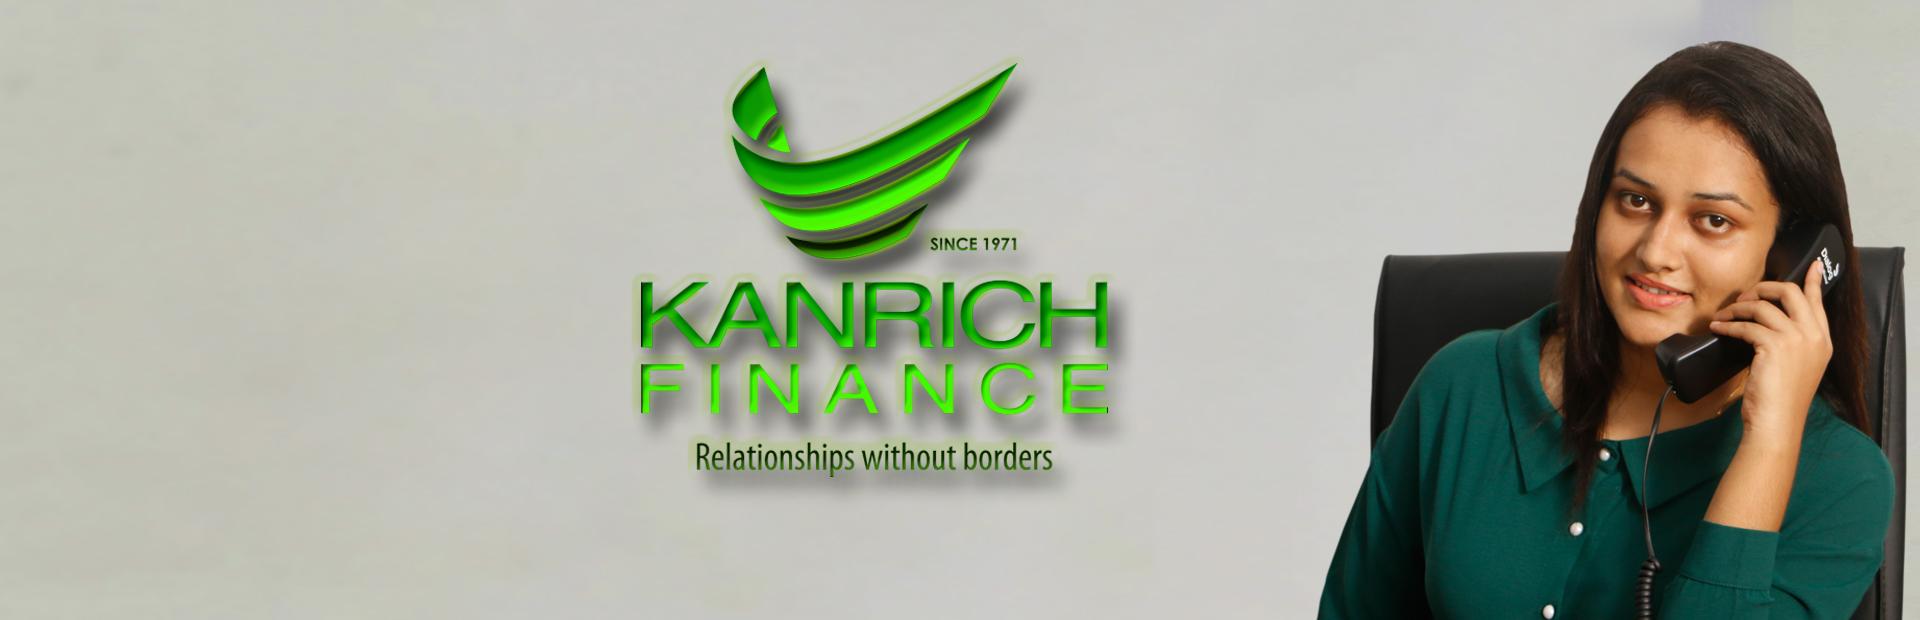 Kanrich Finance Sri Lanka